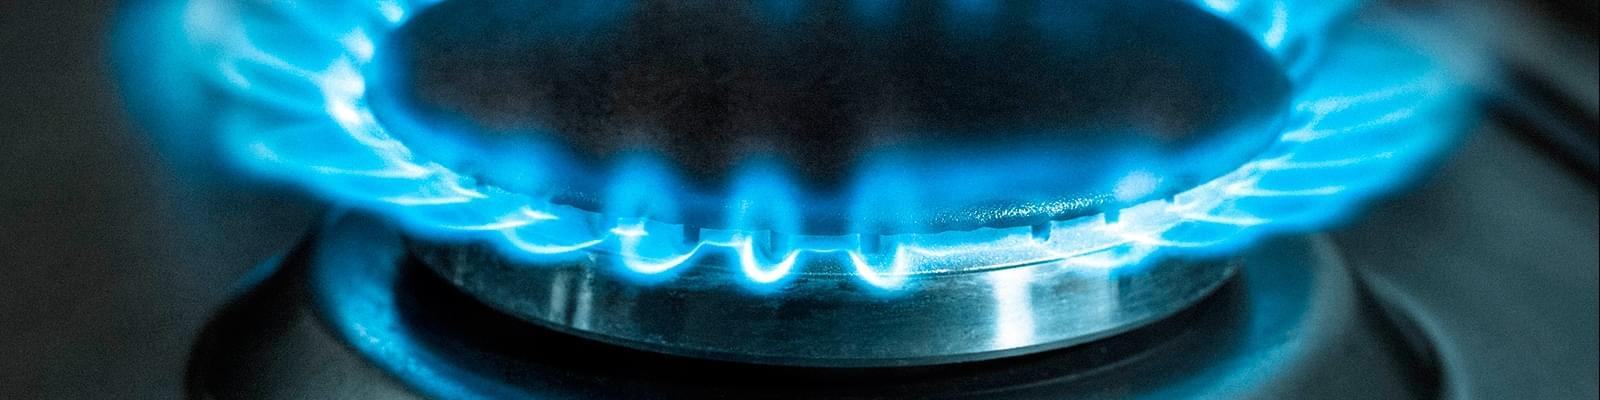 Gasverteilung